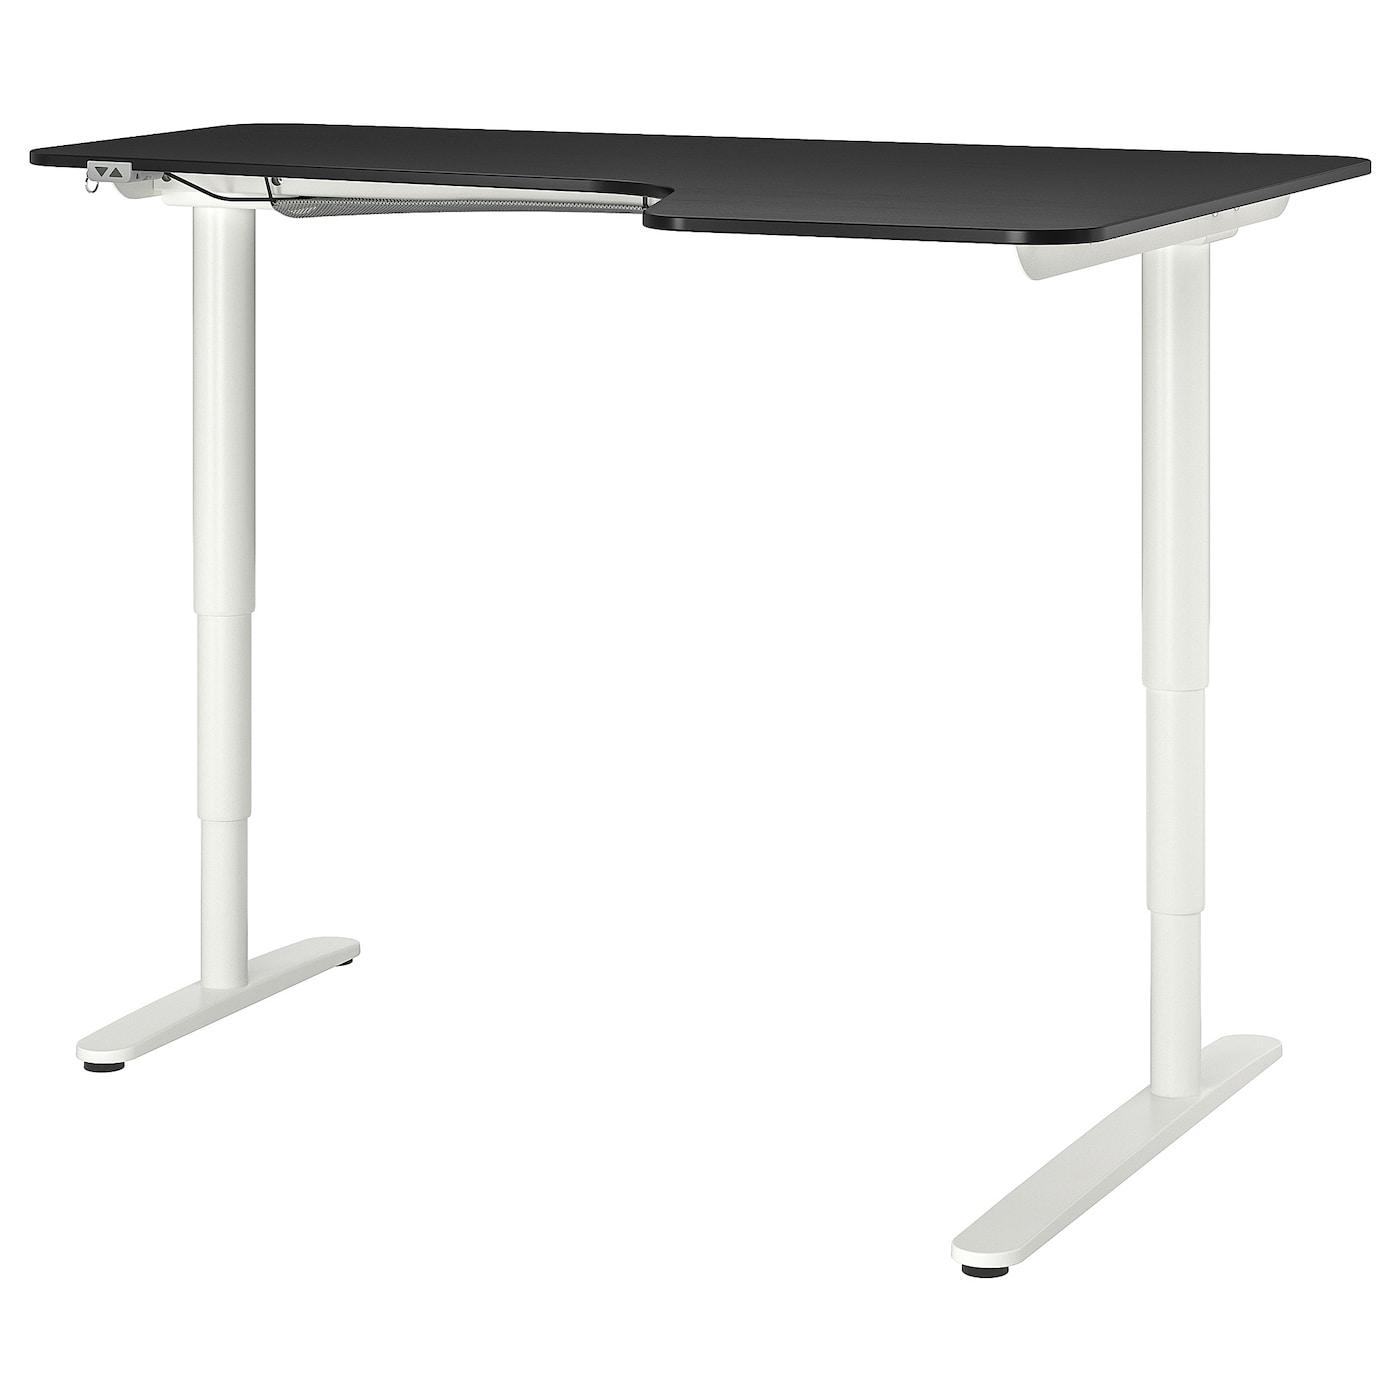 IKEA BEKANT Biurko narożne praw/siedz/stoj, okl jesionowa bejcowana na czarno biały, 160x110 cm